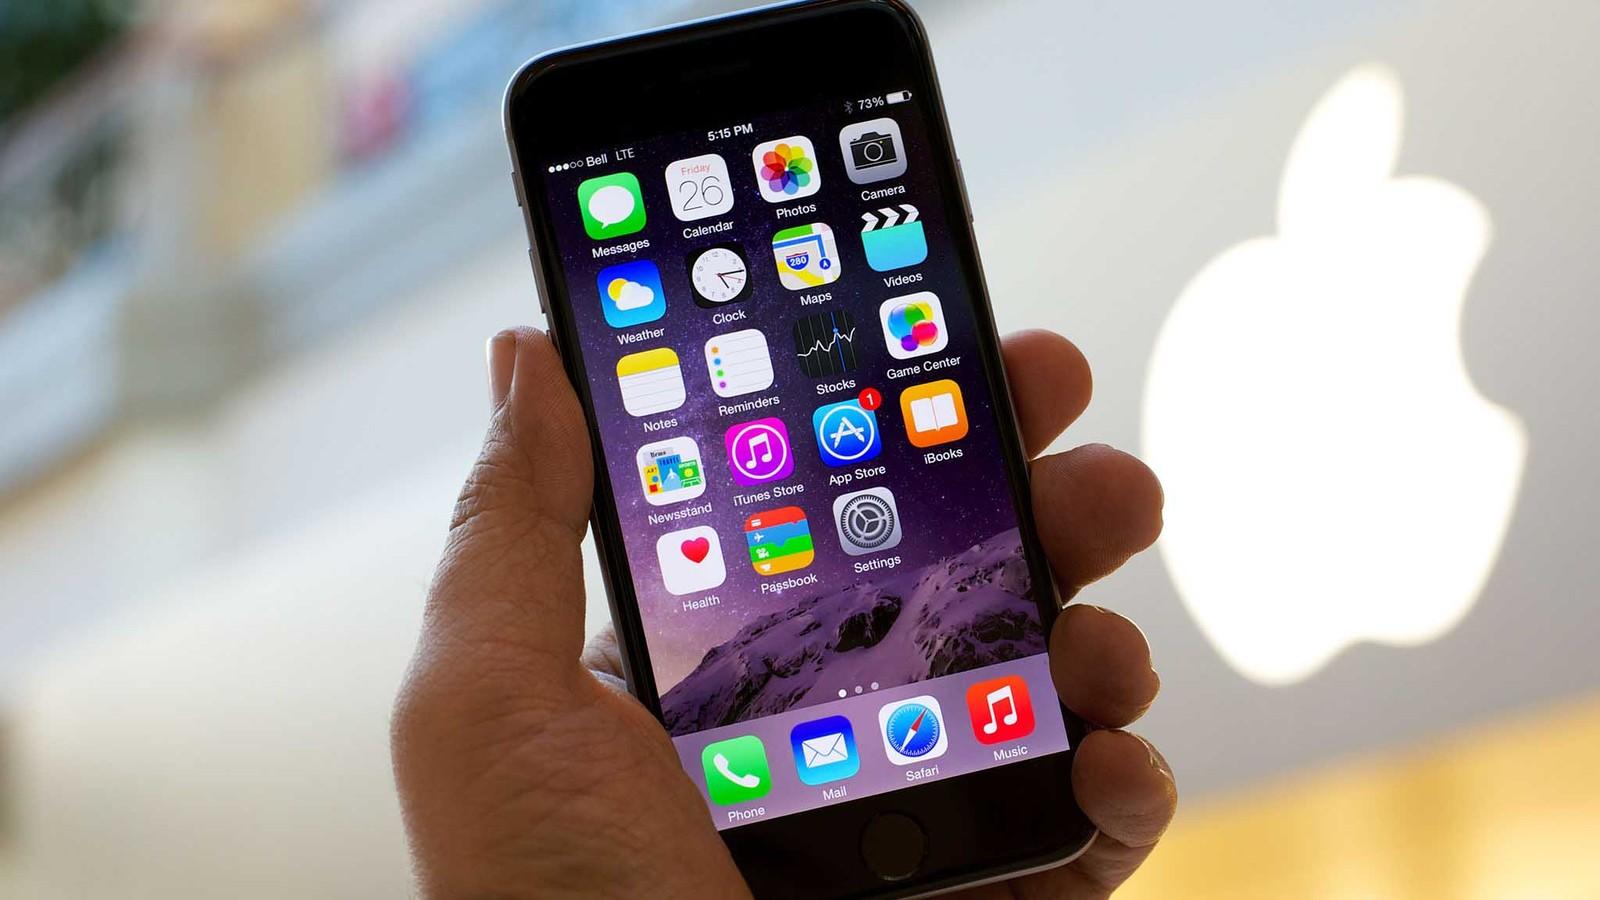 iPhone-u uzun ömürlü edən 8 davranış. Bunları mütləq edin!